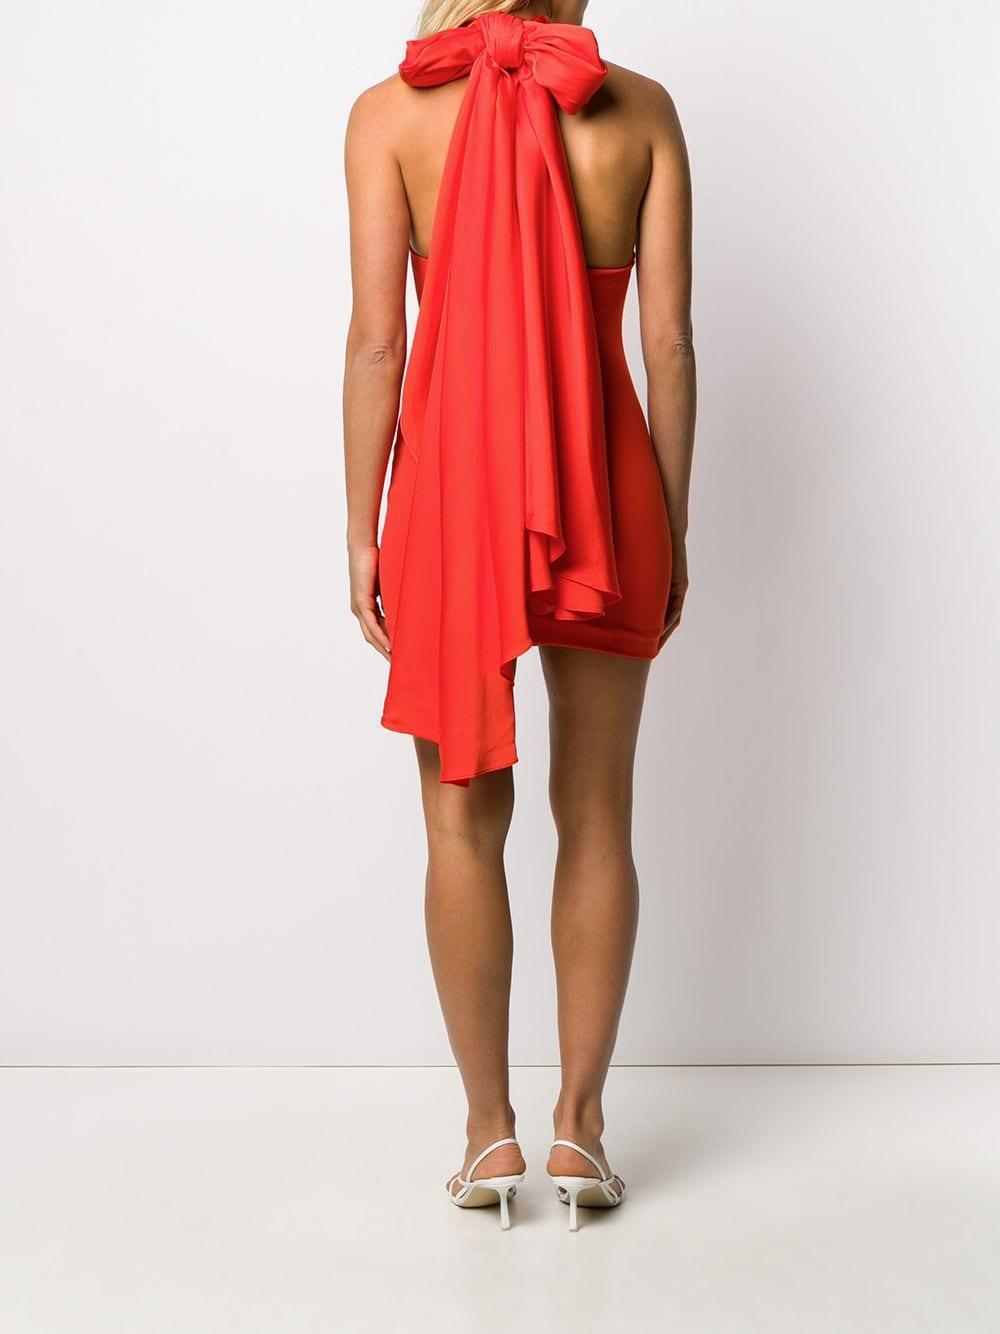 Vestido corto drapeado Maja Solace London de Tejido sintético de color Naranja